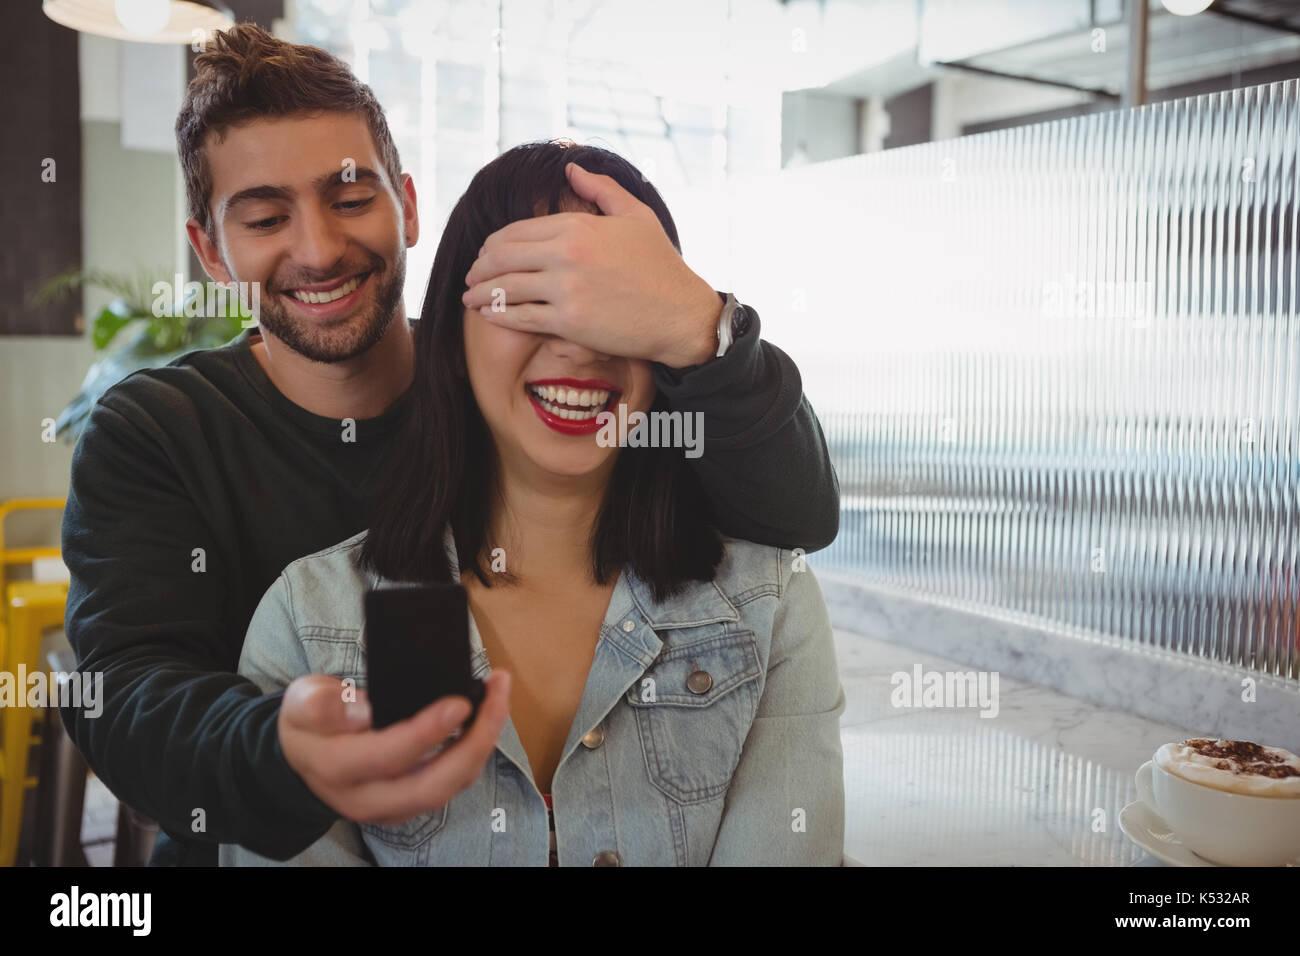 Jeune homme couvrant les yeux tandis que la petite amie à l'anneau de don cafe Banque D'Images